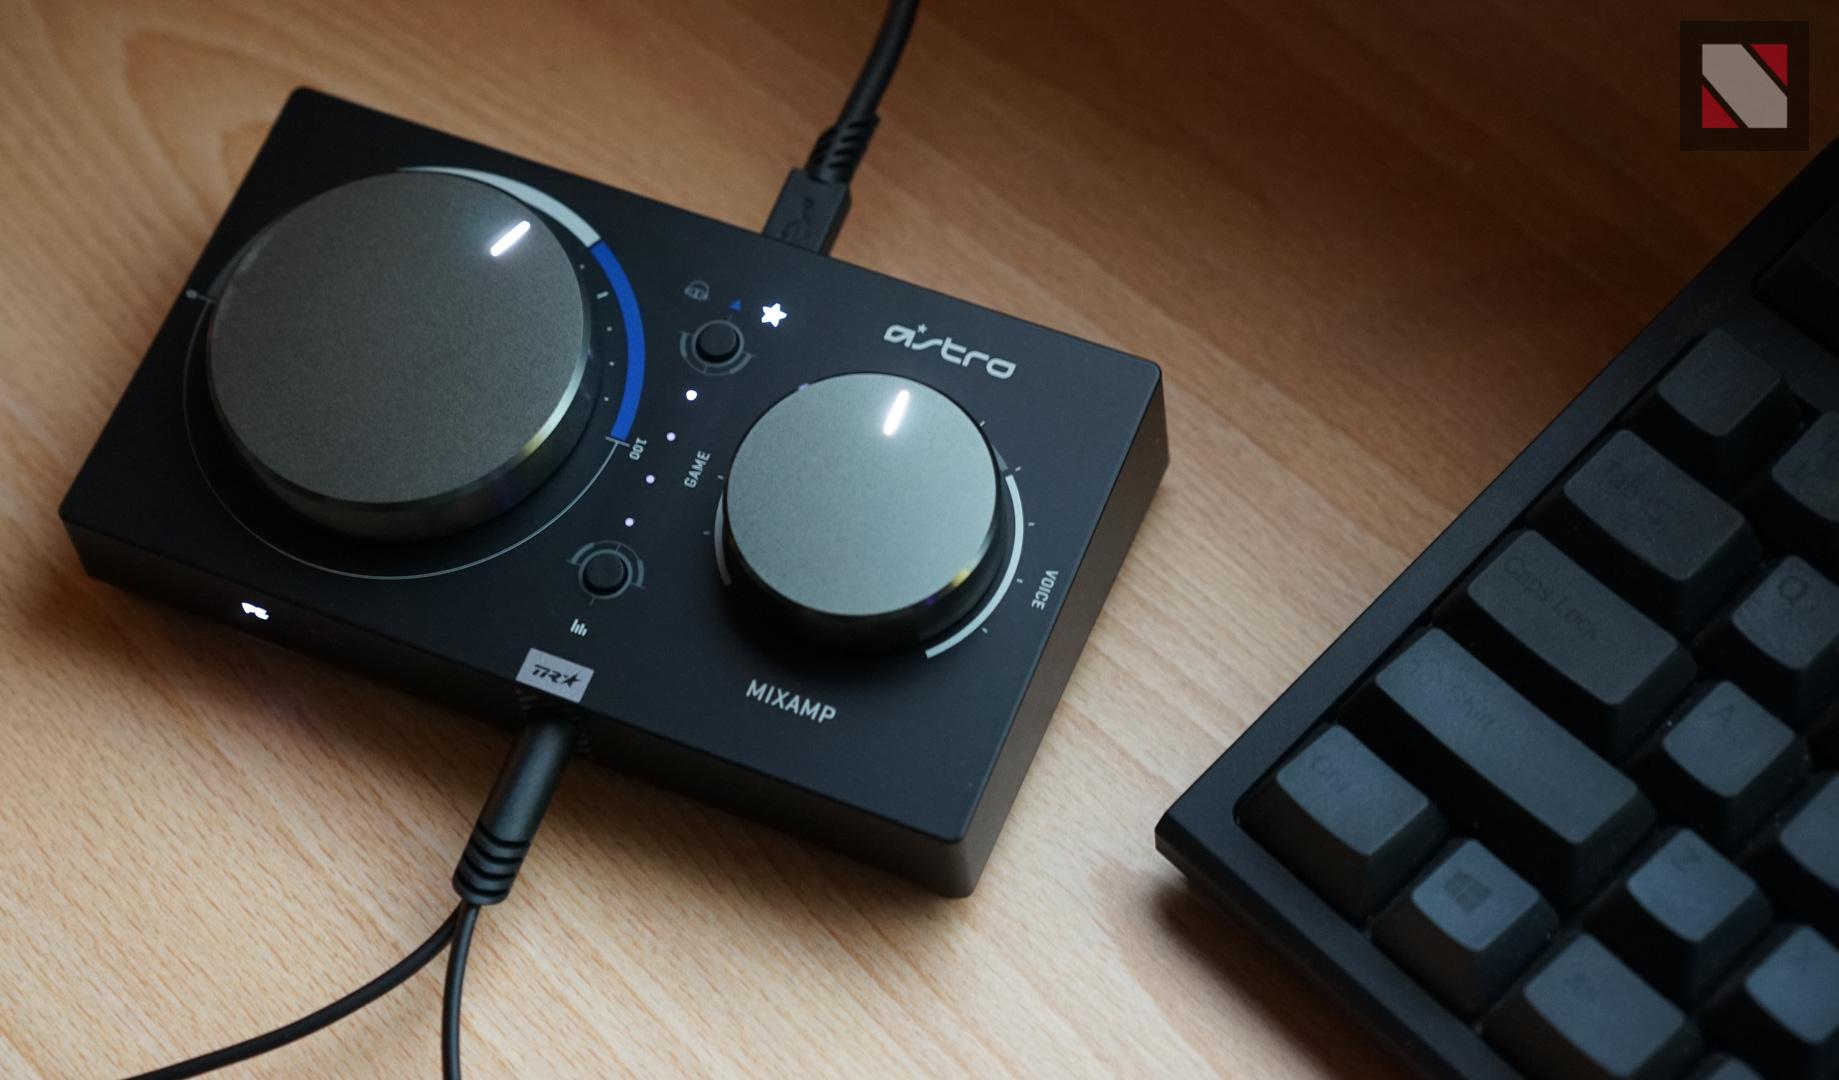 ASTRO MIX AMP PRO TR 2019年版 をいまさらレビュー!どこまでパフォーマンスは上がったのか?!